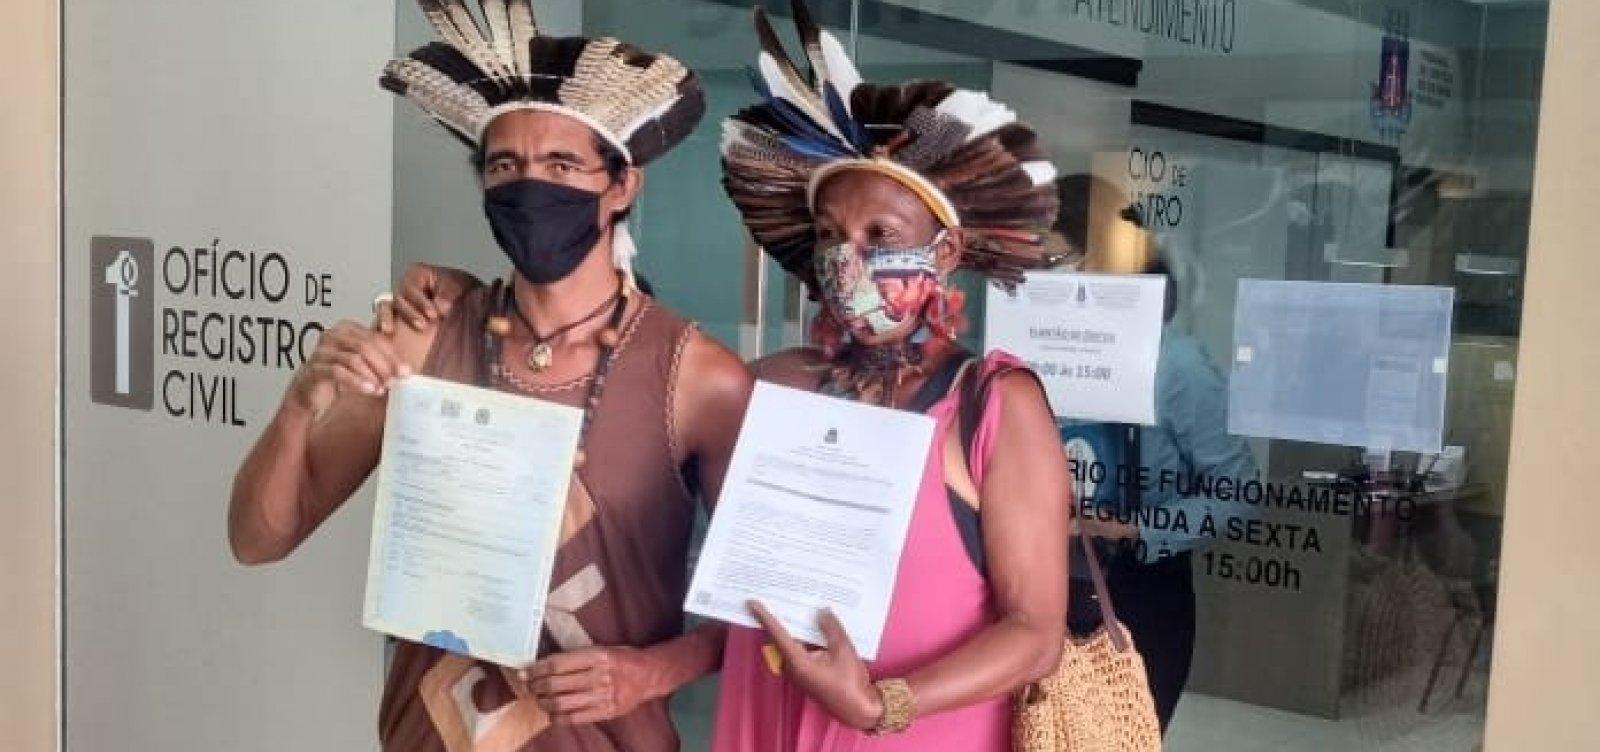 Ação na Justiça garante troca para nomes indígenas em registro civil